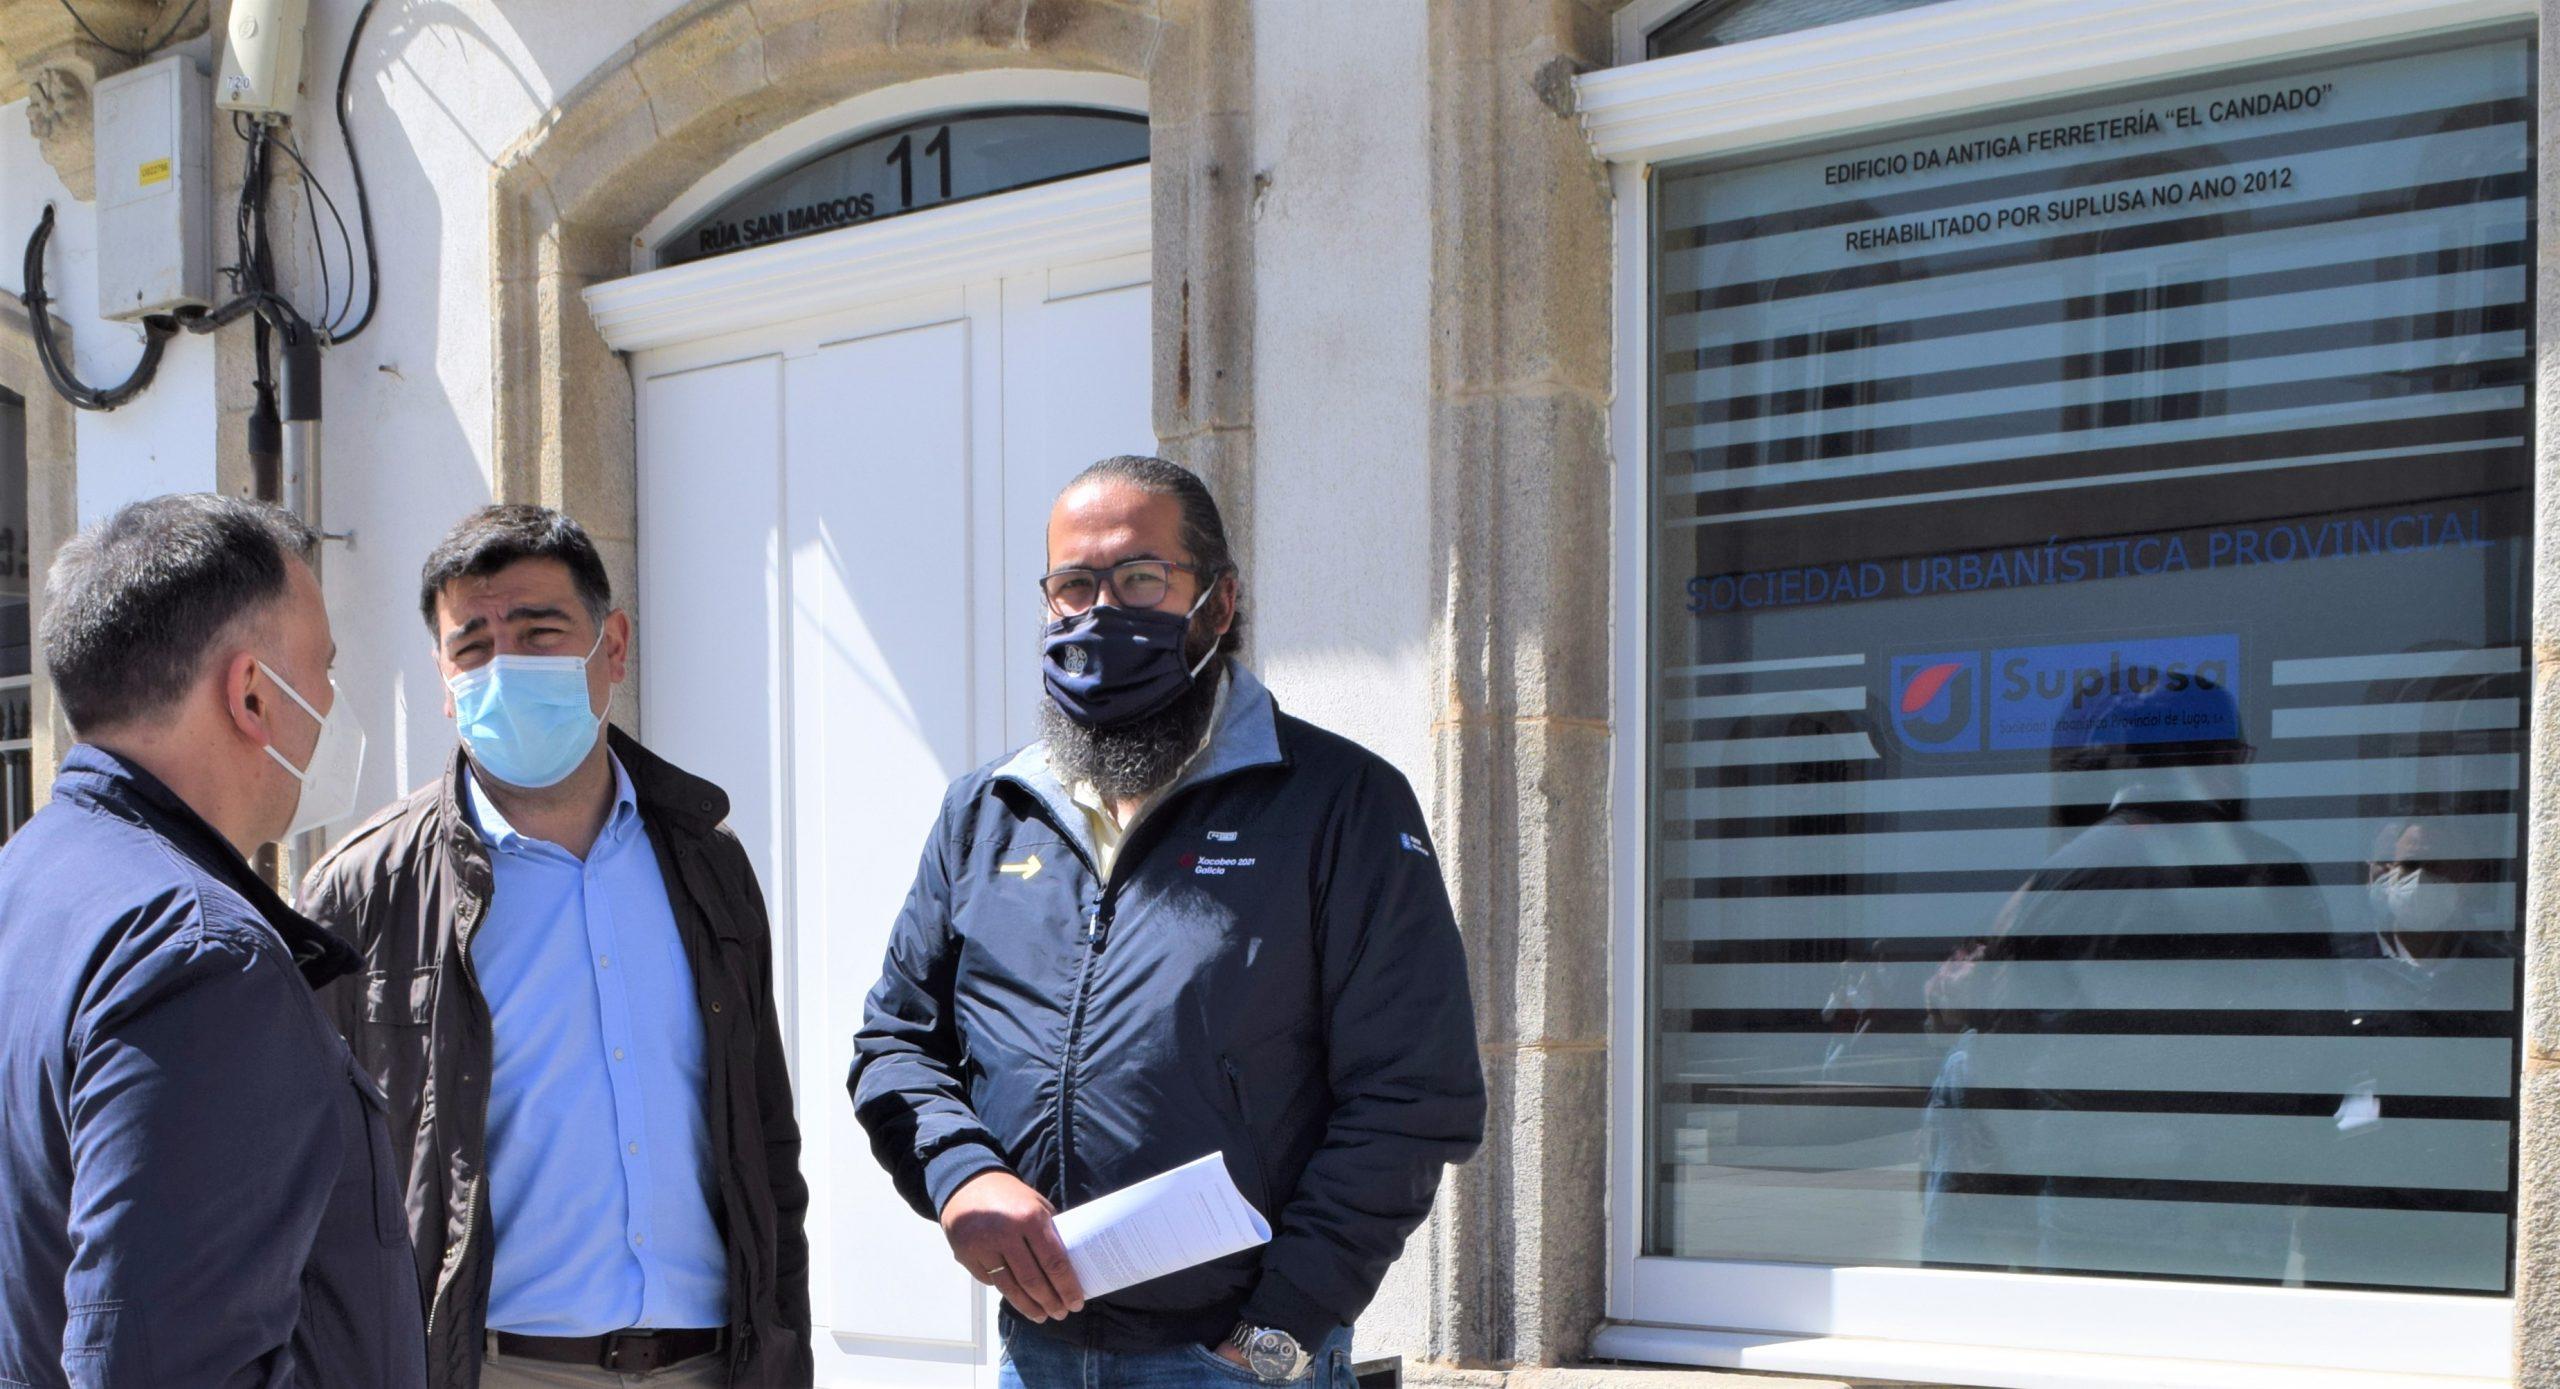 O PP pide autorización ao goberno provincial para visitar o edificio de San Marcos, 11, que foi sede de Suplusa, para comprobar en que estado se atopa e para que fin pode ser usado